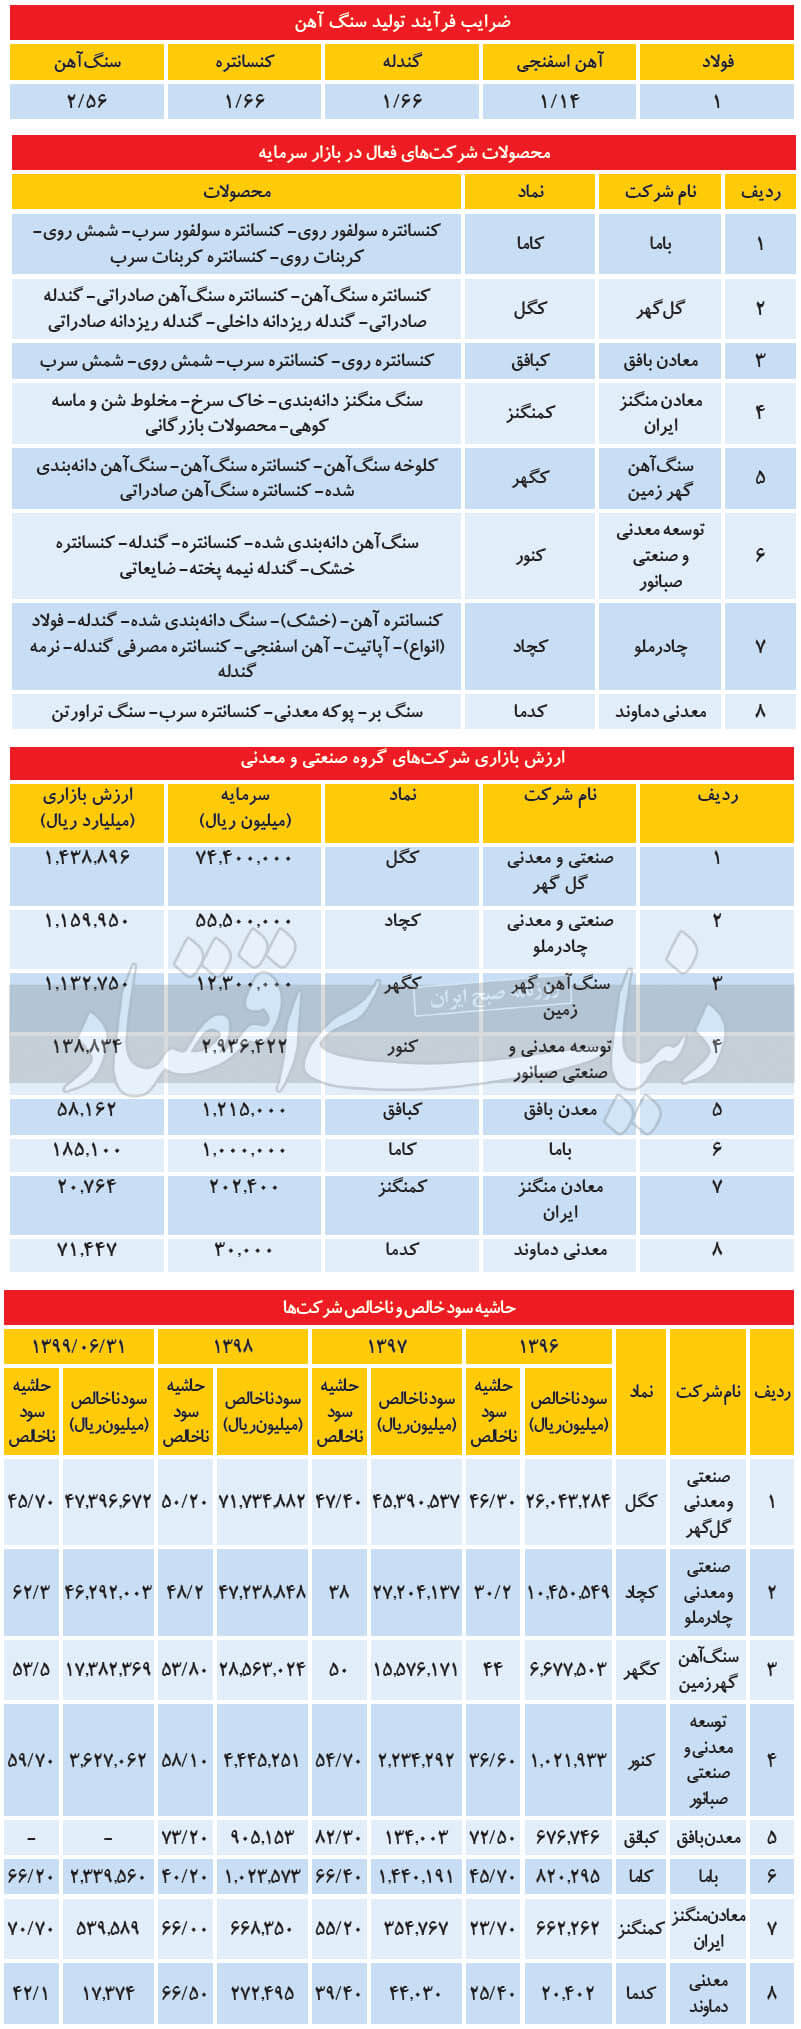 مقایسه شرکتهای معدنی بورس ایران